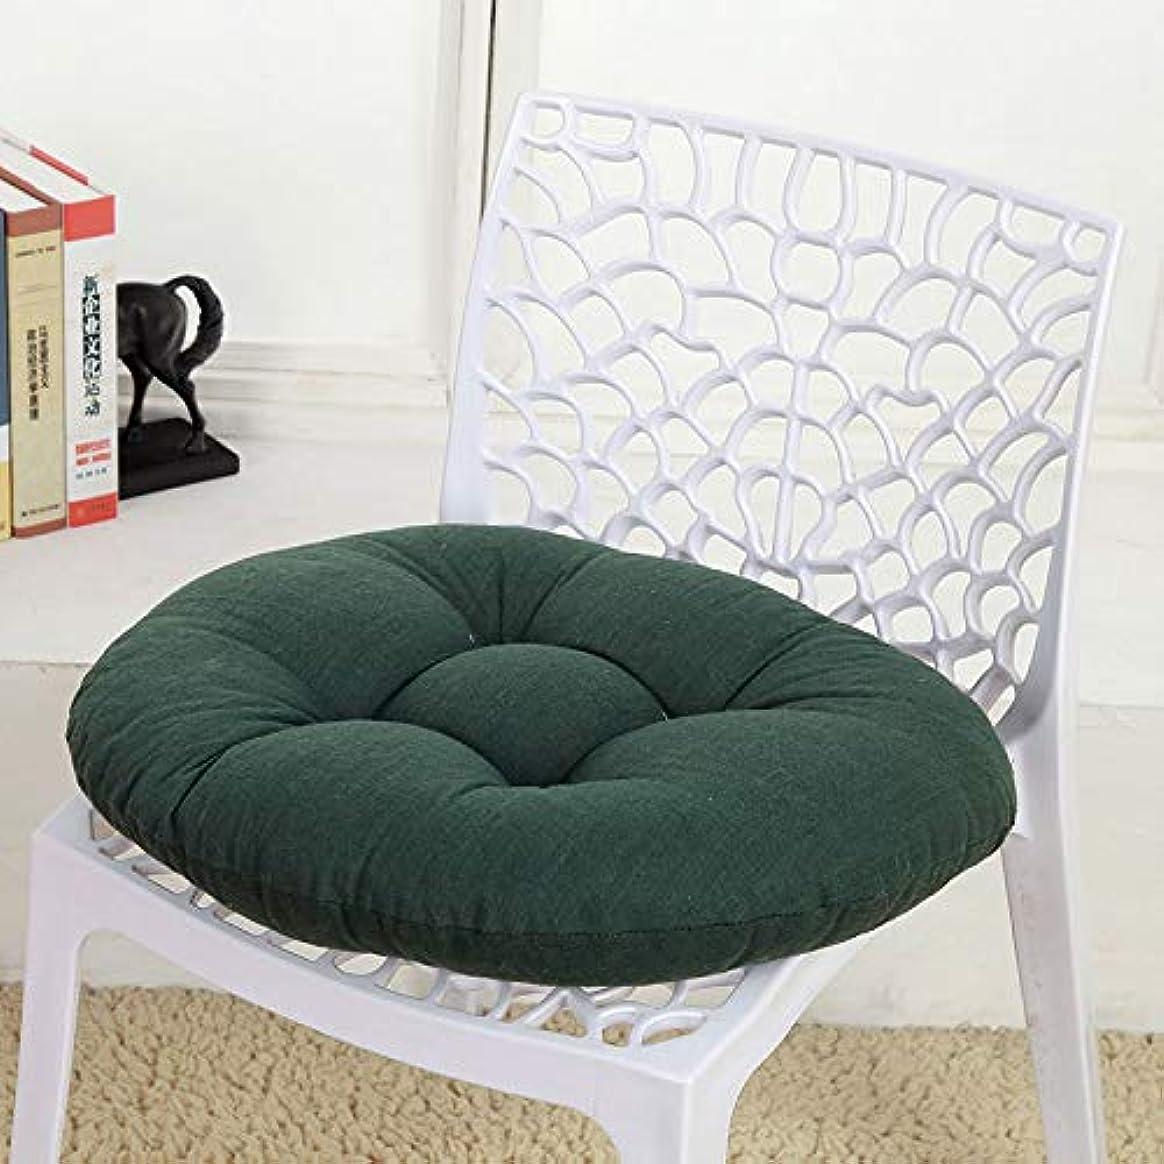 侮辱王子意図的SMART キャンディカラーのクッションラウンドシートクッション波ウィンドウシートクッションクッション家の装飾パッドラウンド枕シート枕椅子座る枕 クッション 椅子